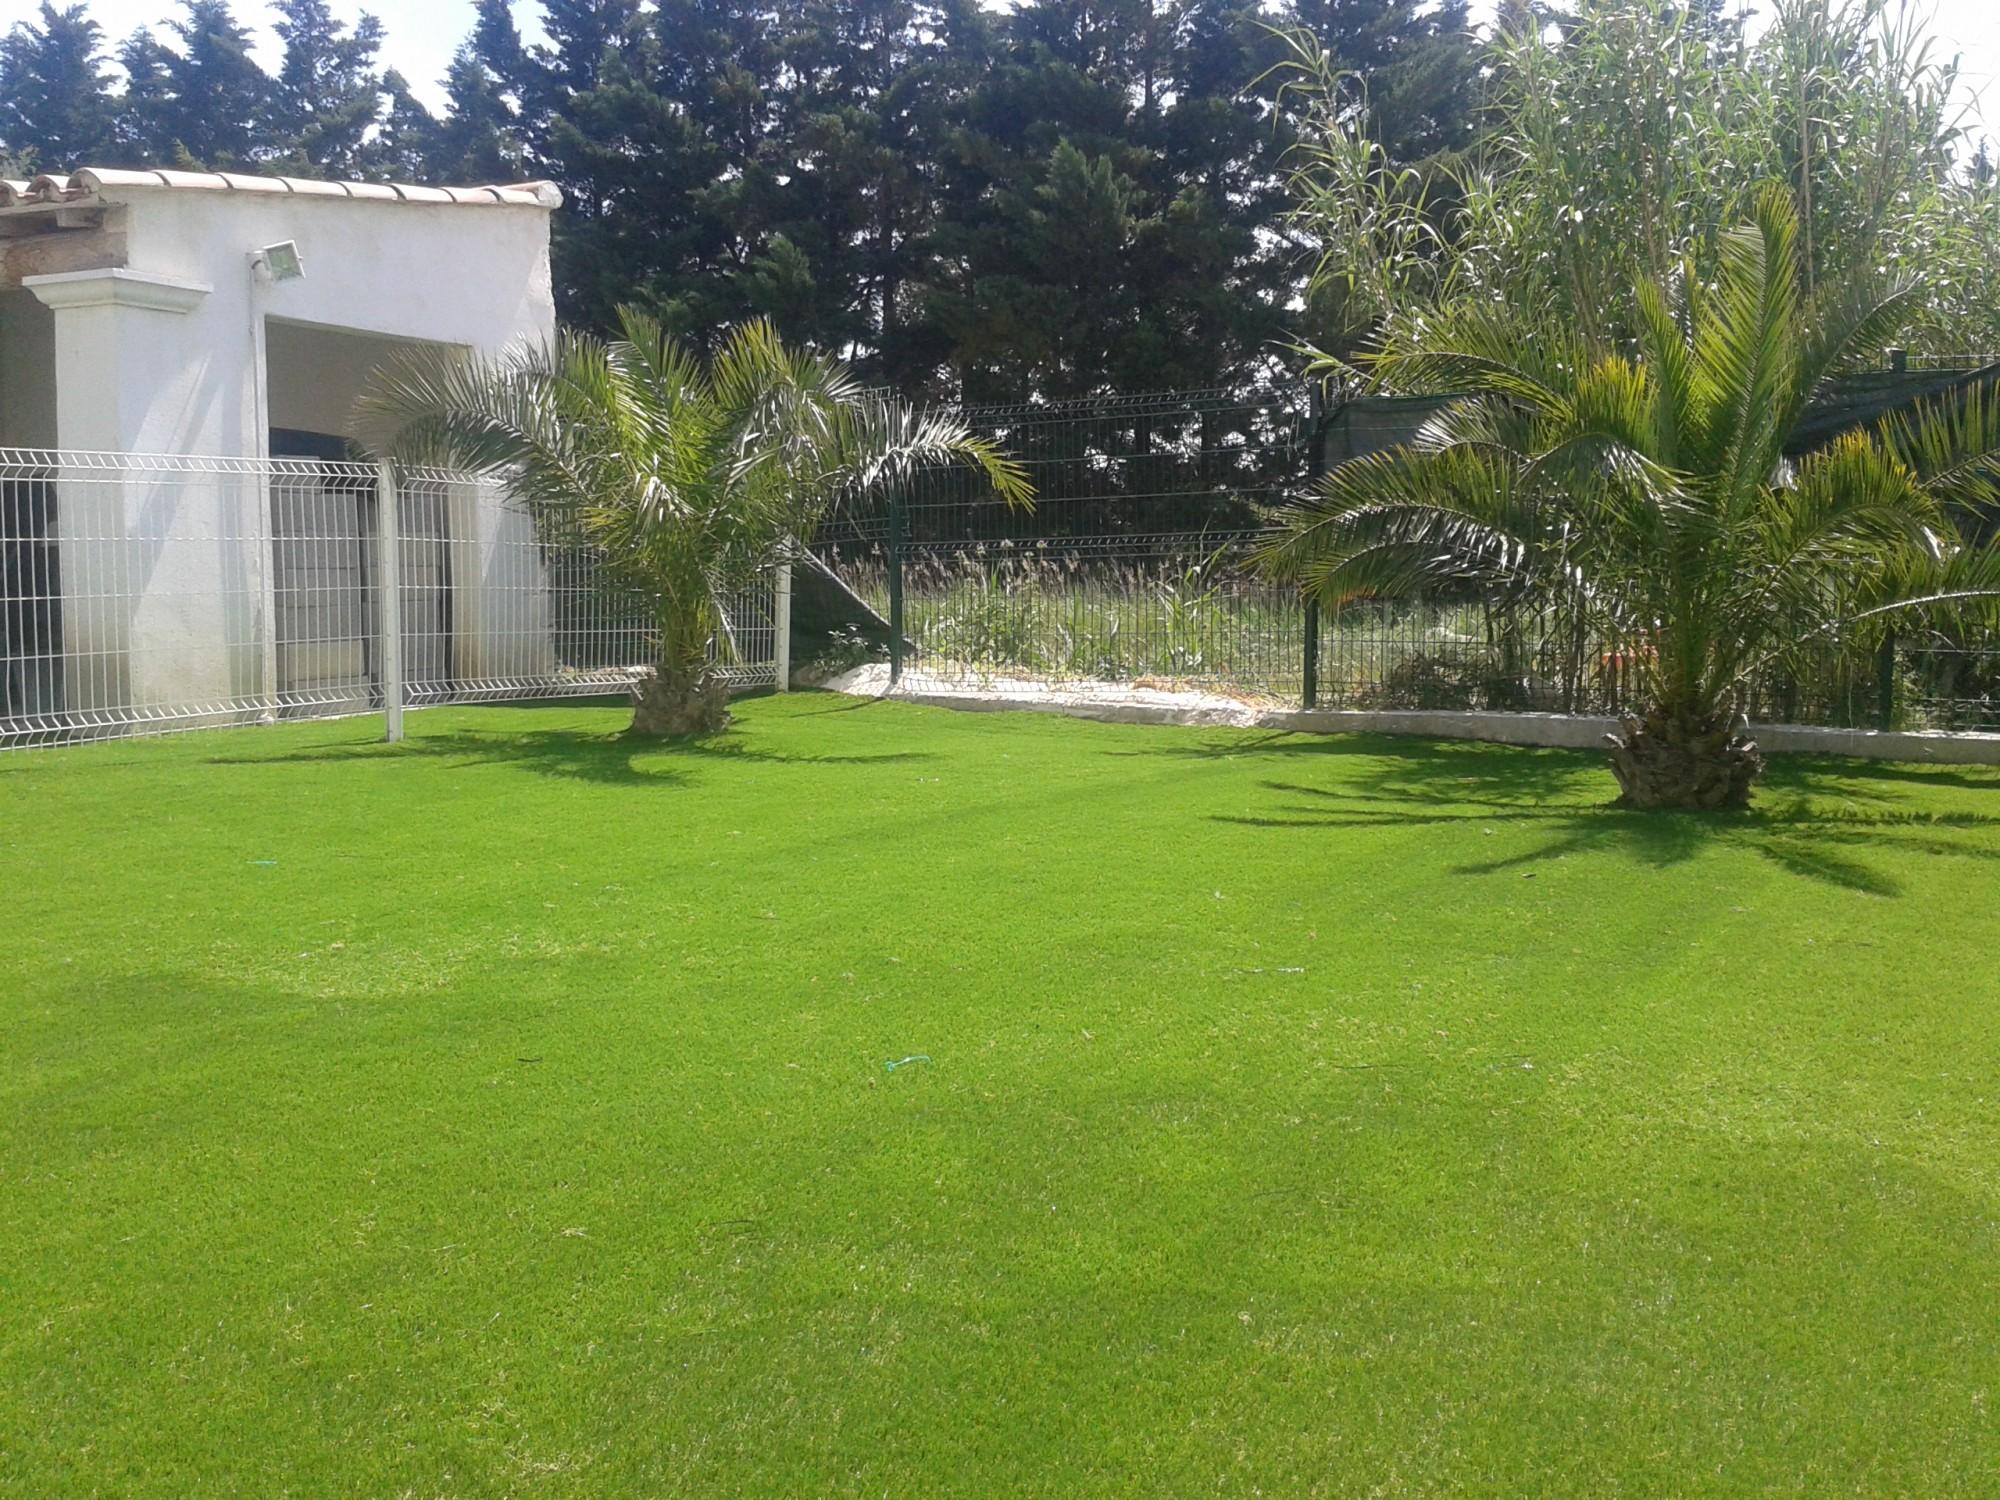 Gazon synth tique pour jardin ou surface sportive univers gazons for Ecran de jardin synthetique